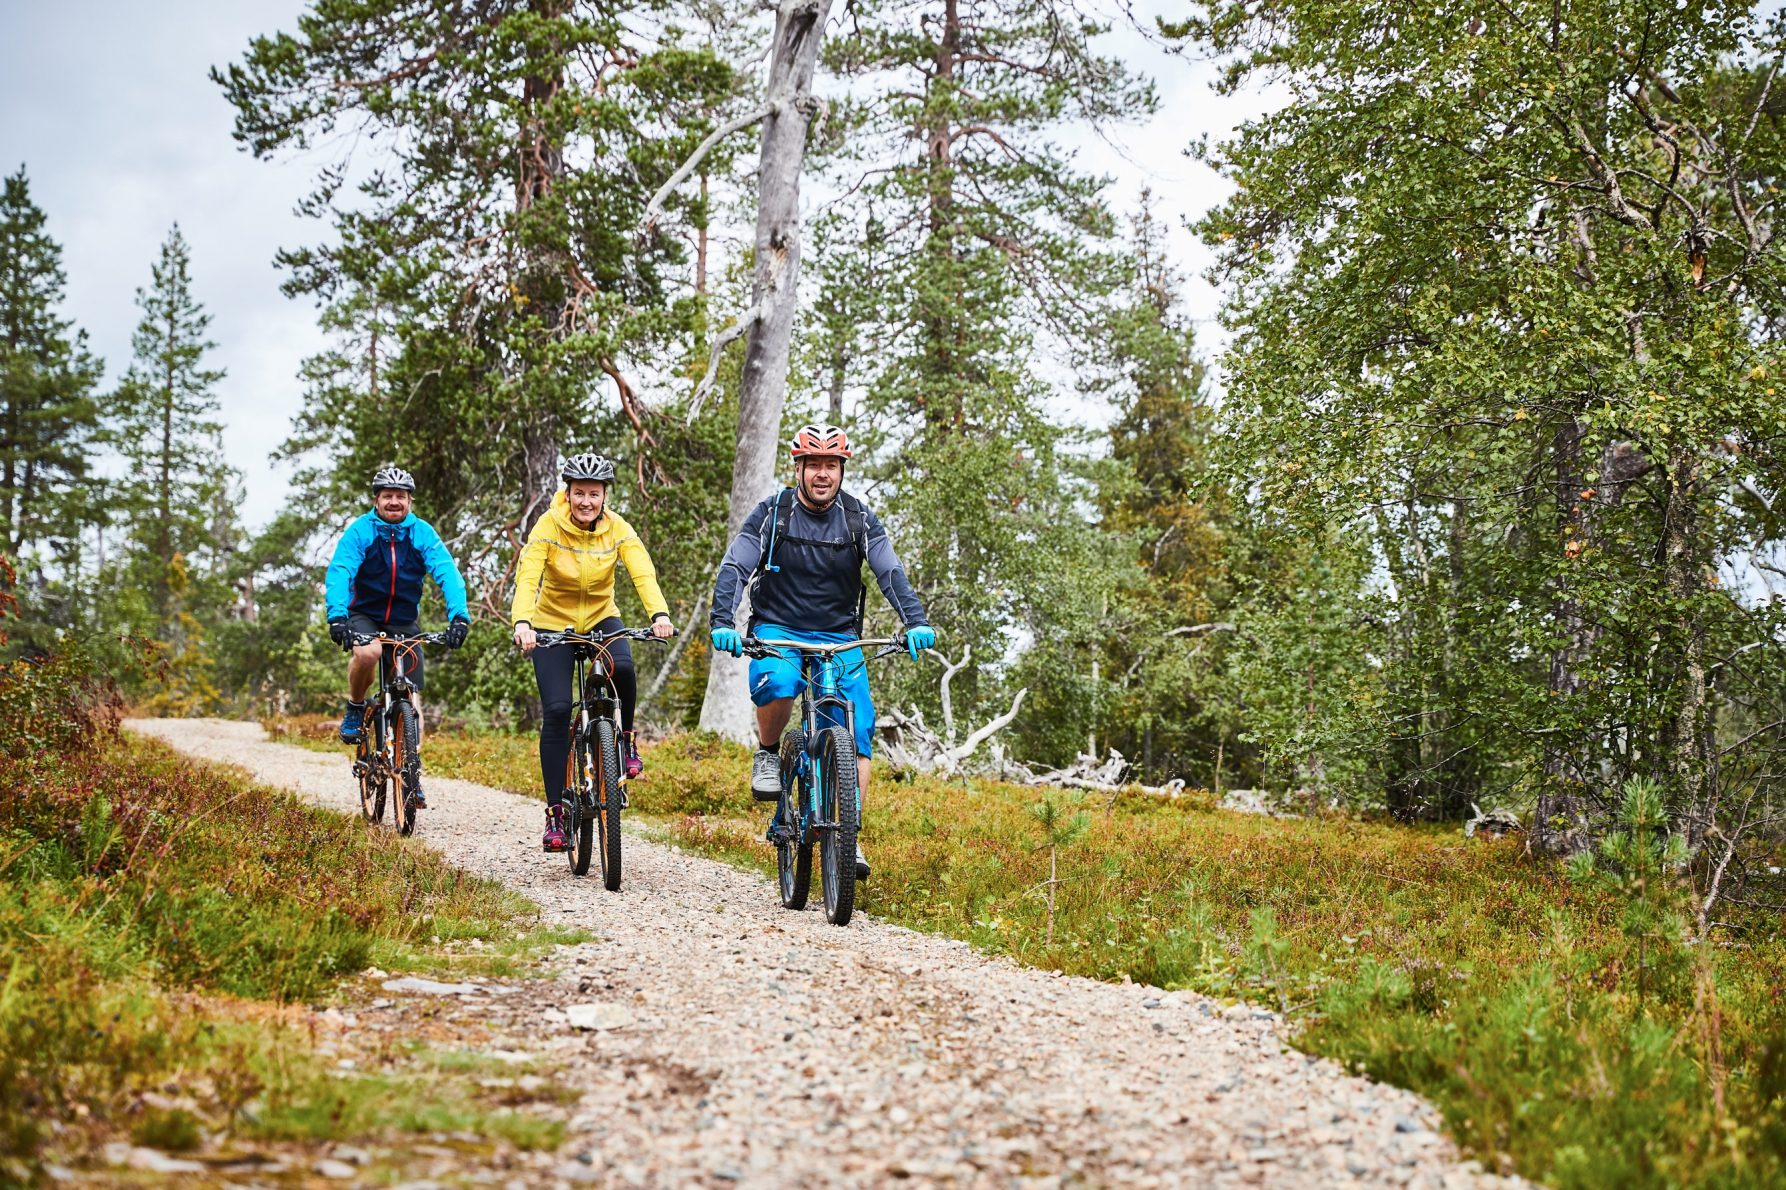 Maastopyöräilyä Luostolla - Pl Matkailu Maastopyöräily Web 103